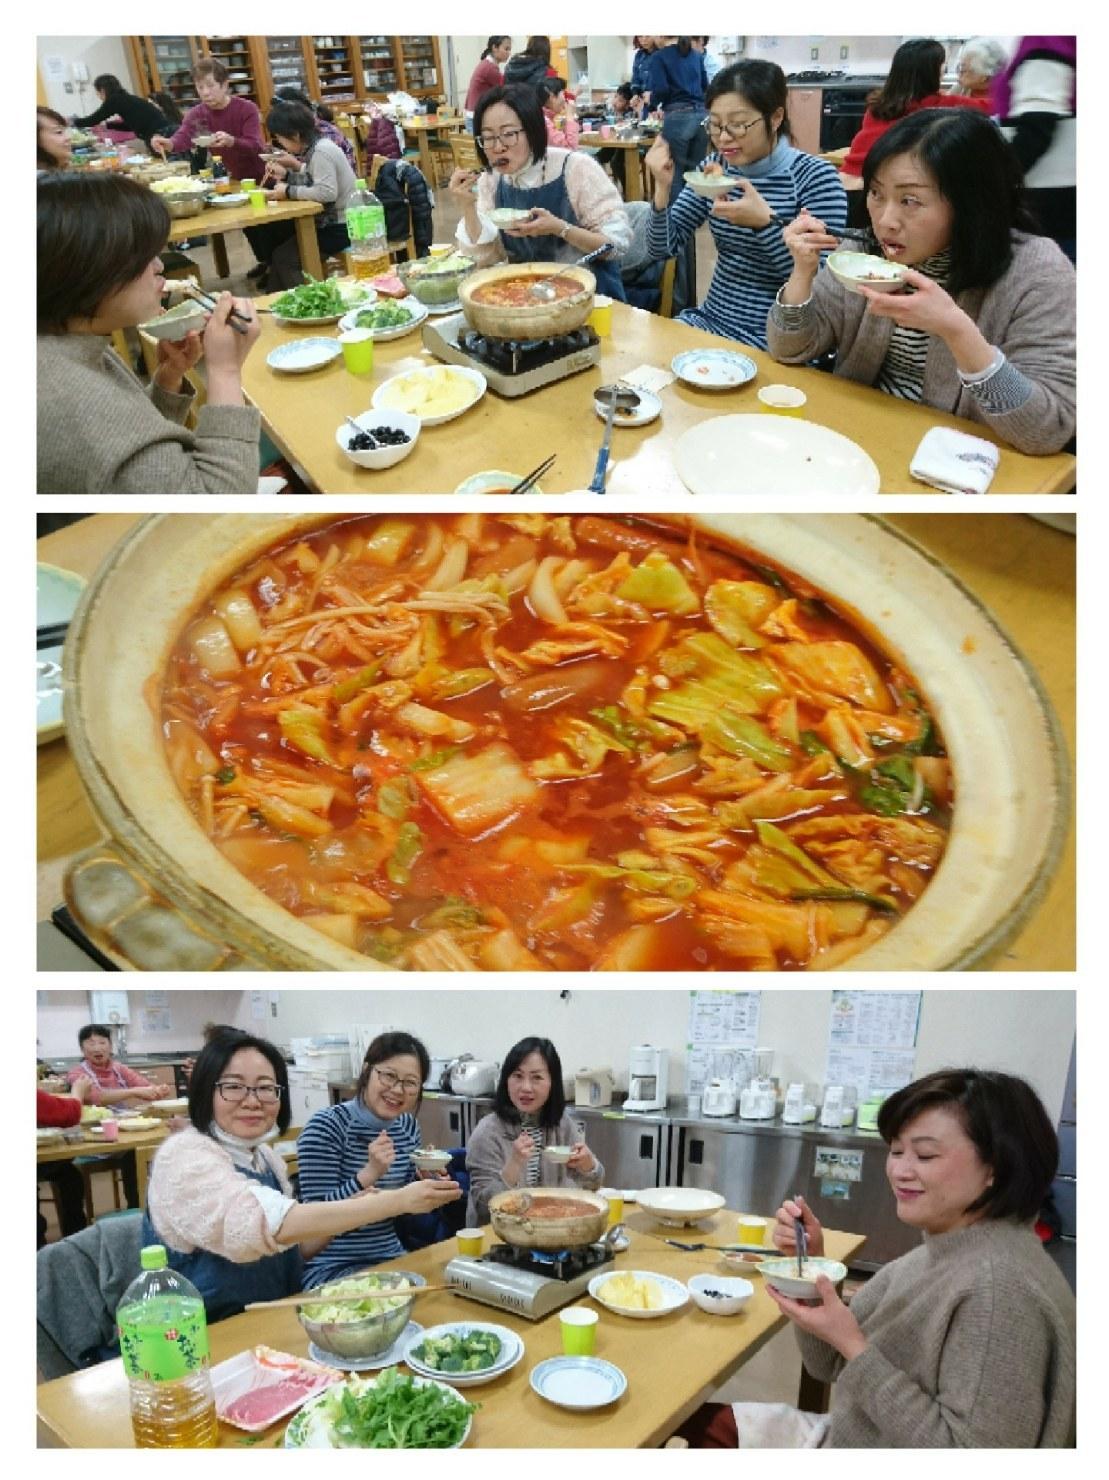 インターナショナルキッチン 「冬はやっぱり鍋でしょう!?」 火曜日朝教室 _e0175020_00393278.jpg